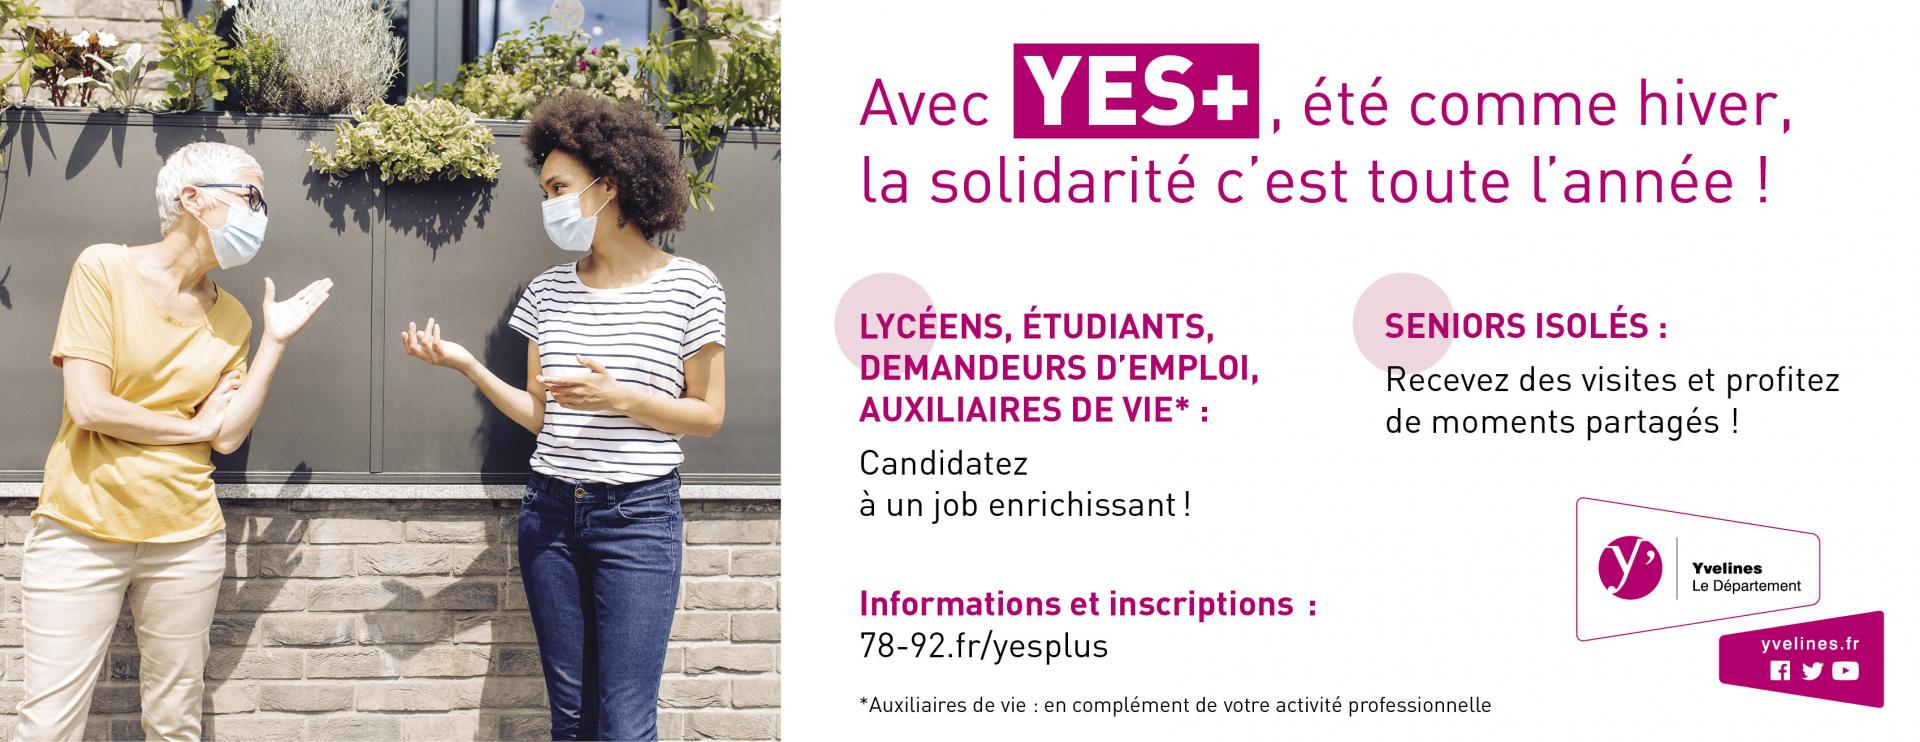 http://www.mairie-grandchamp78.fr/medias/images/banniere-yes.jpg